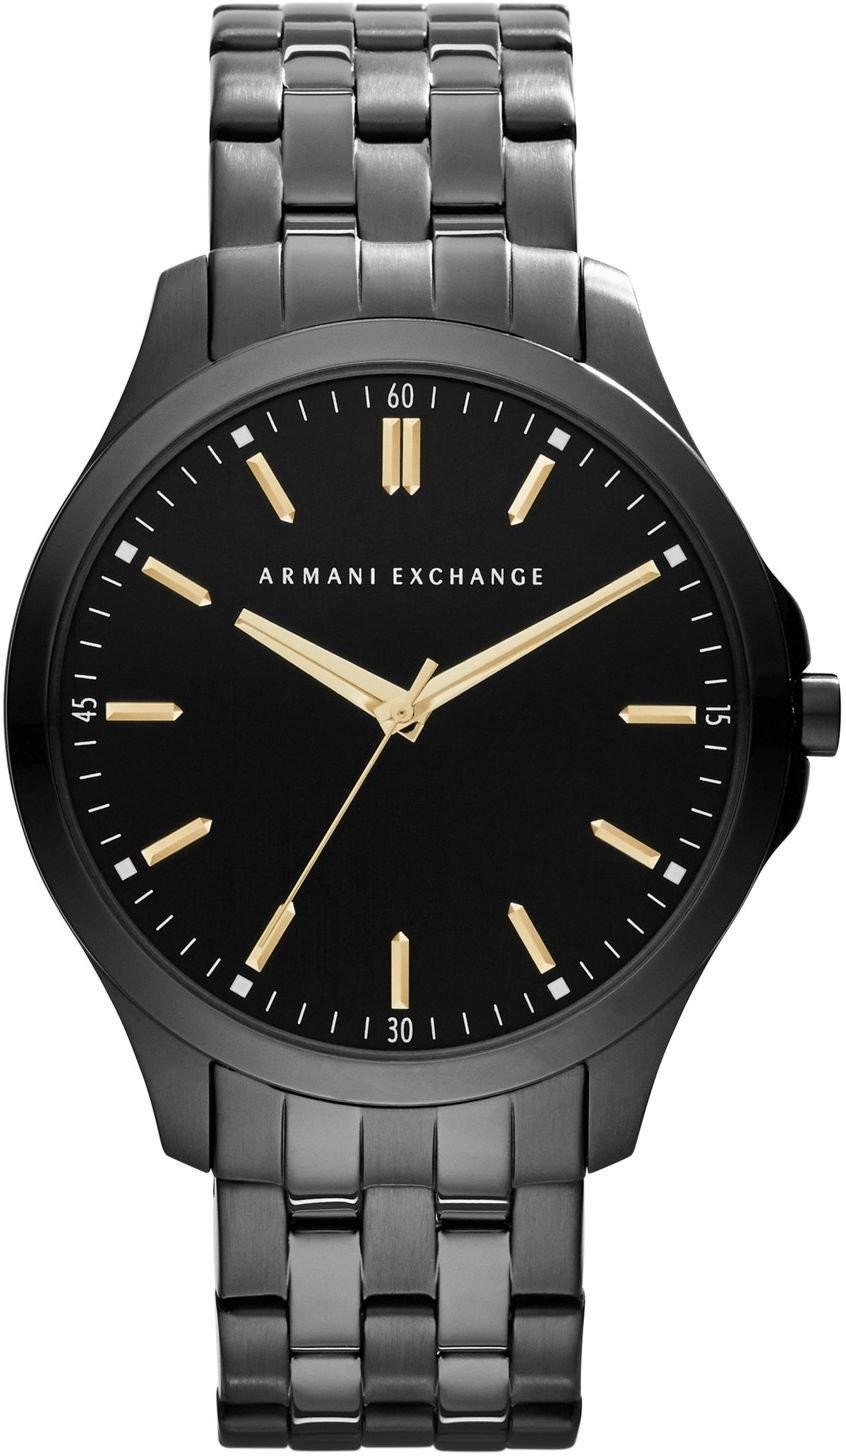 Image of Armani Exchange AX2144